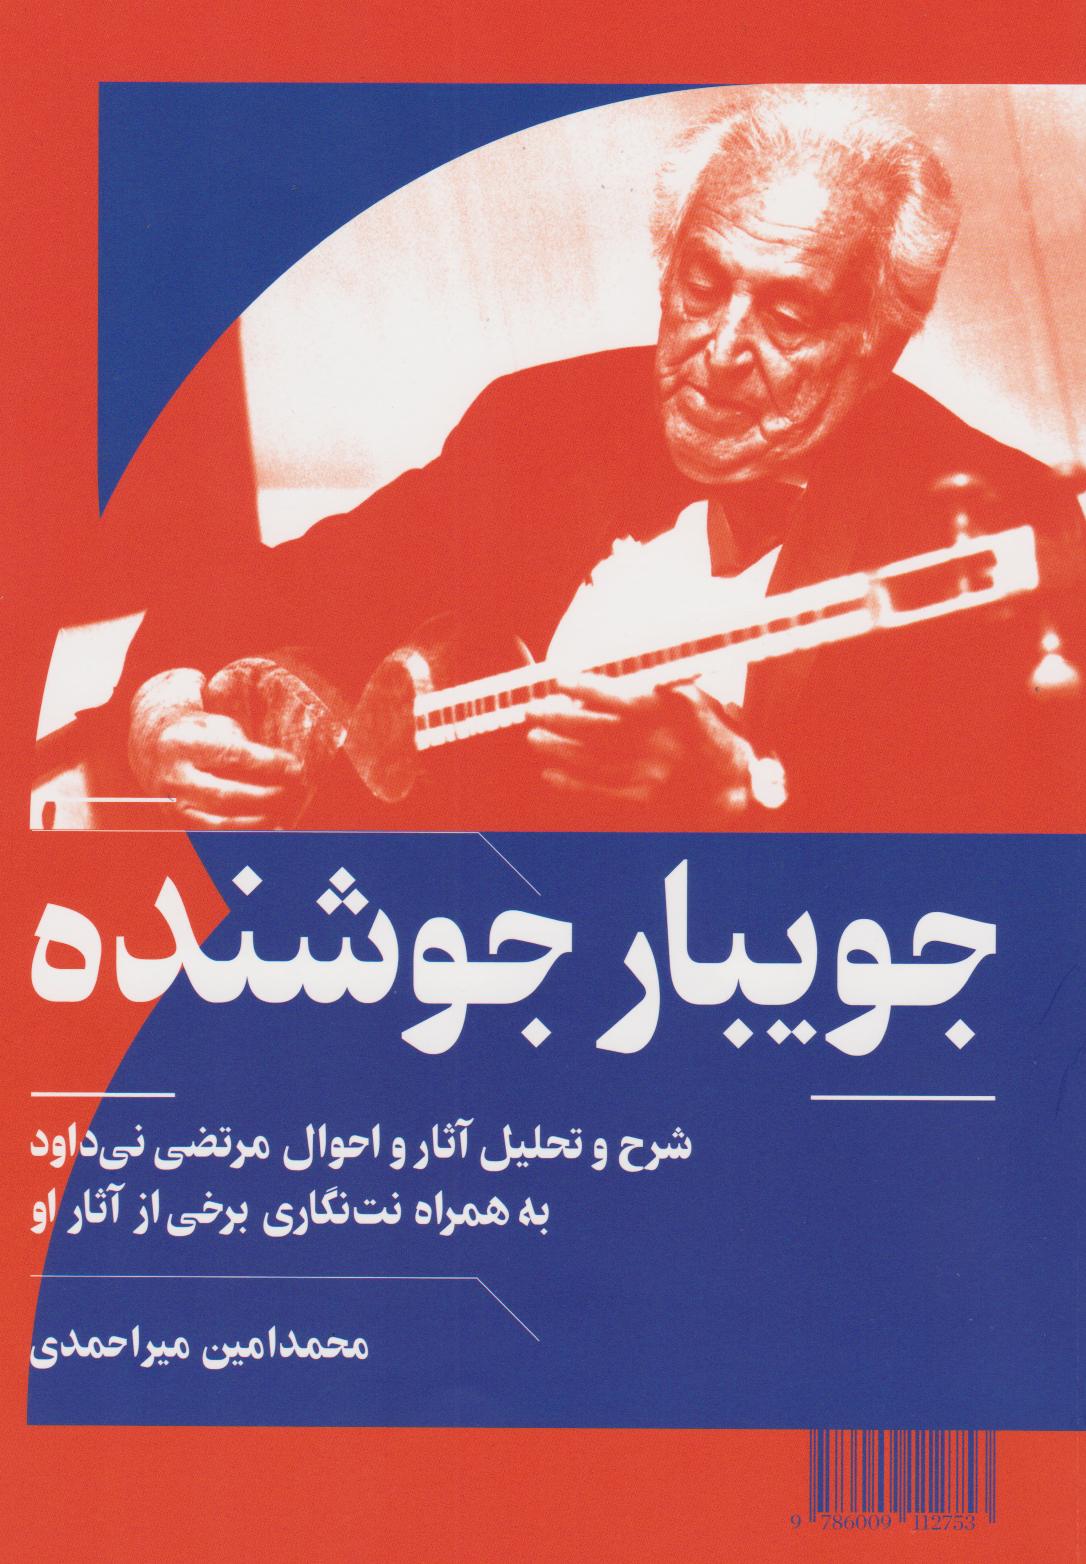 کتاب جویبار جوشنده محمدامین میراحمدی انتشارات هنر موسیقی